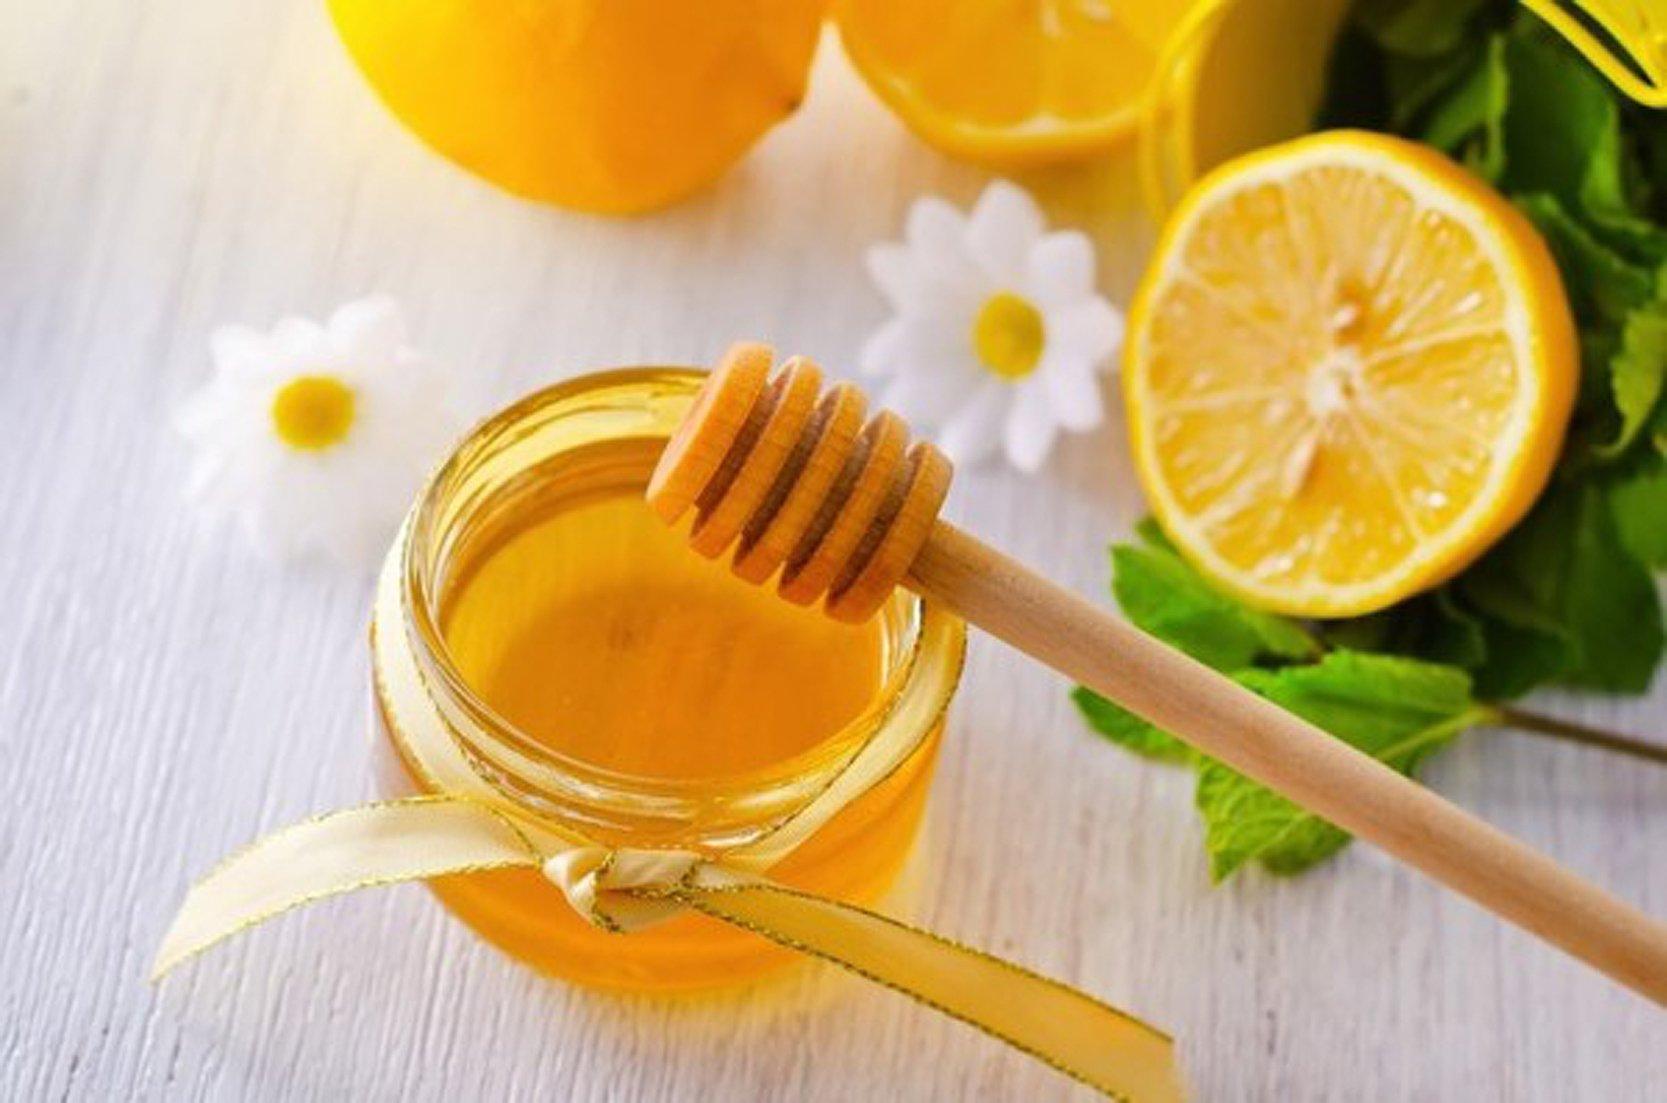 Cách pha nước mật ong giảm cân – bí quyết giữ dáng. - VietReview.vn